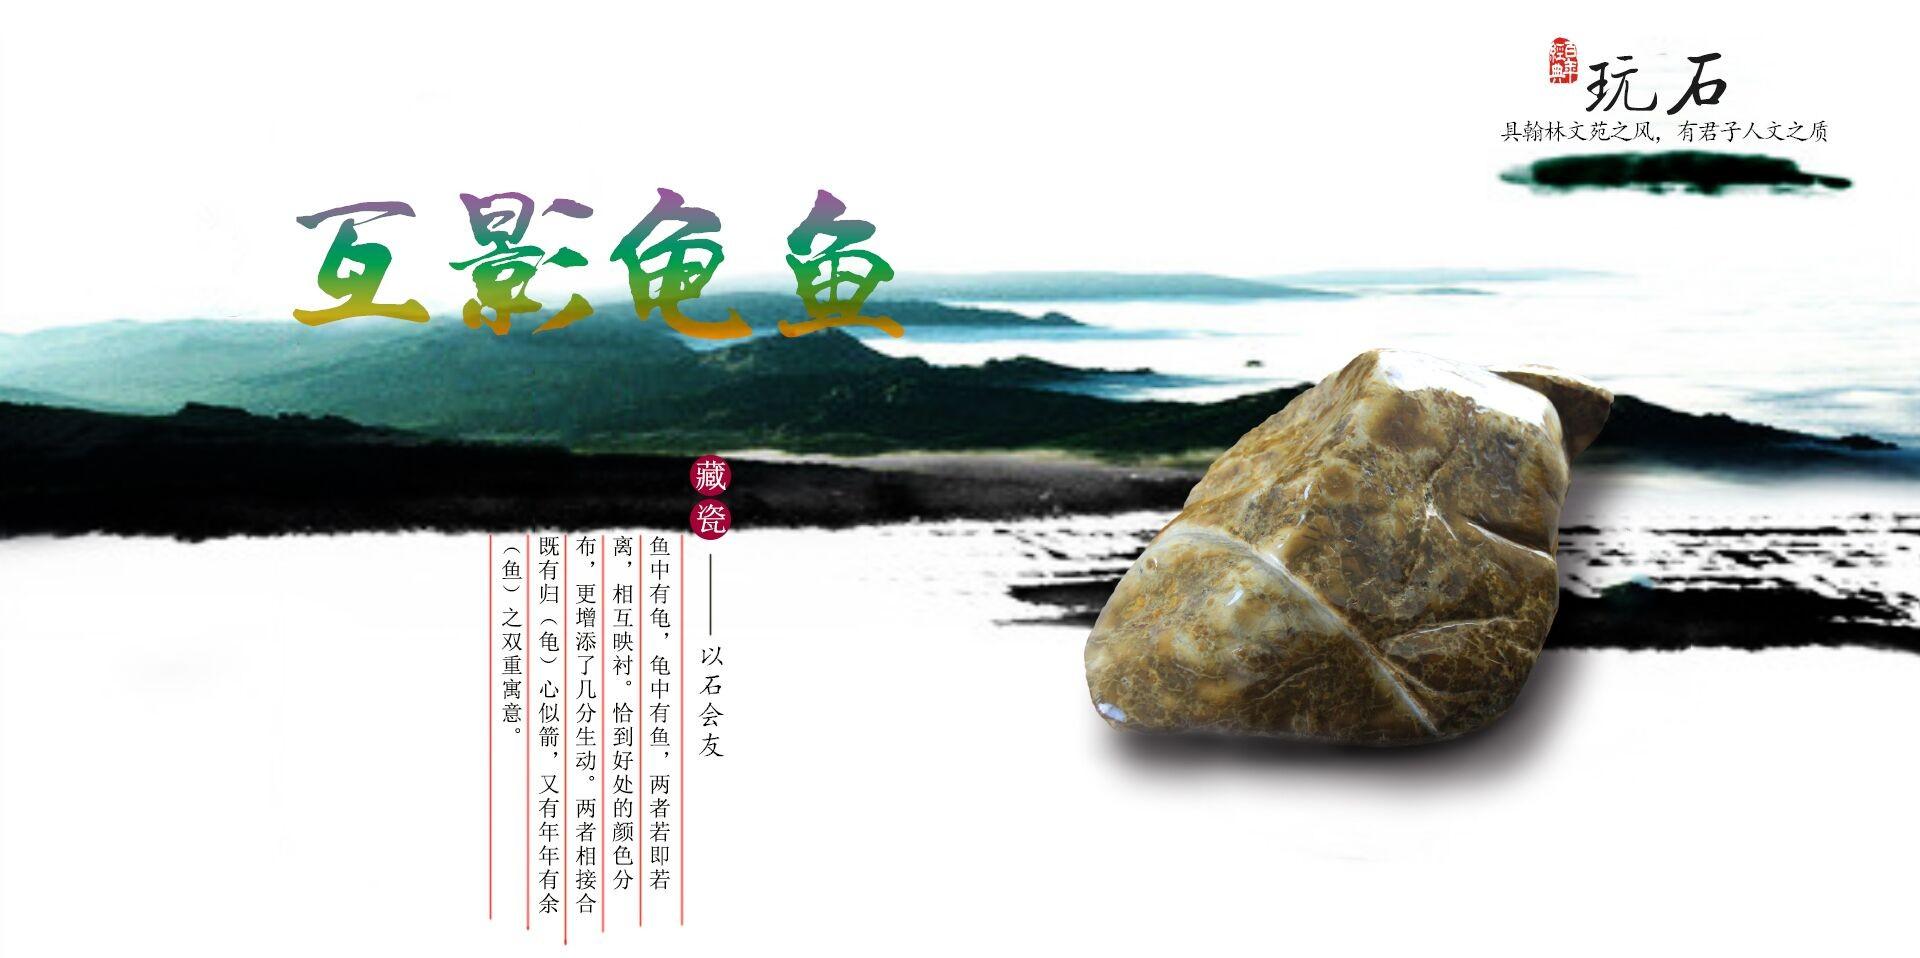 互影龟鱼2.jpg